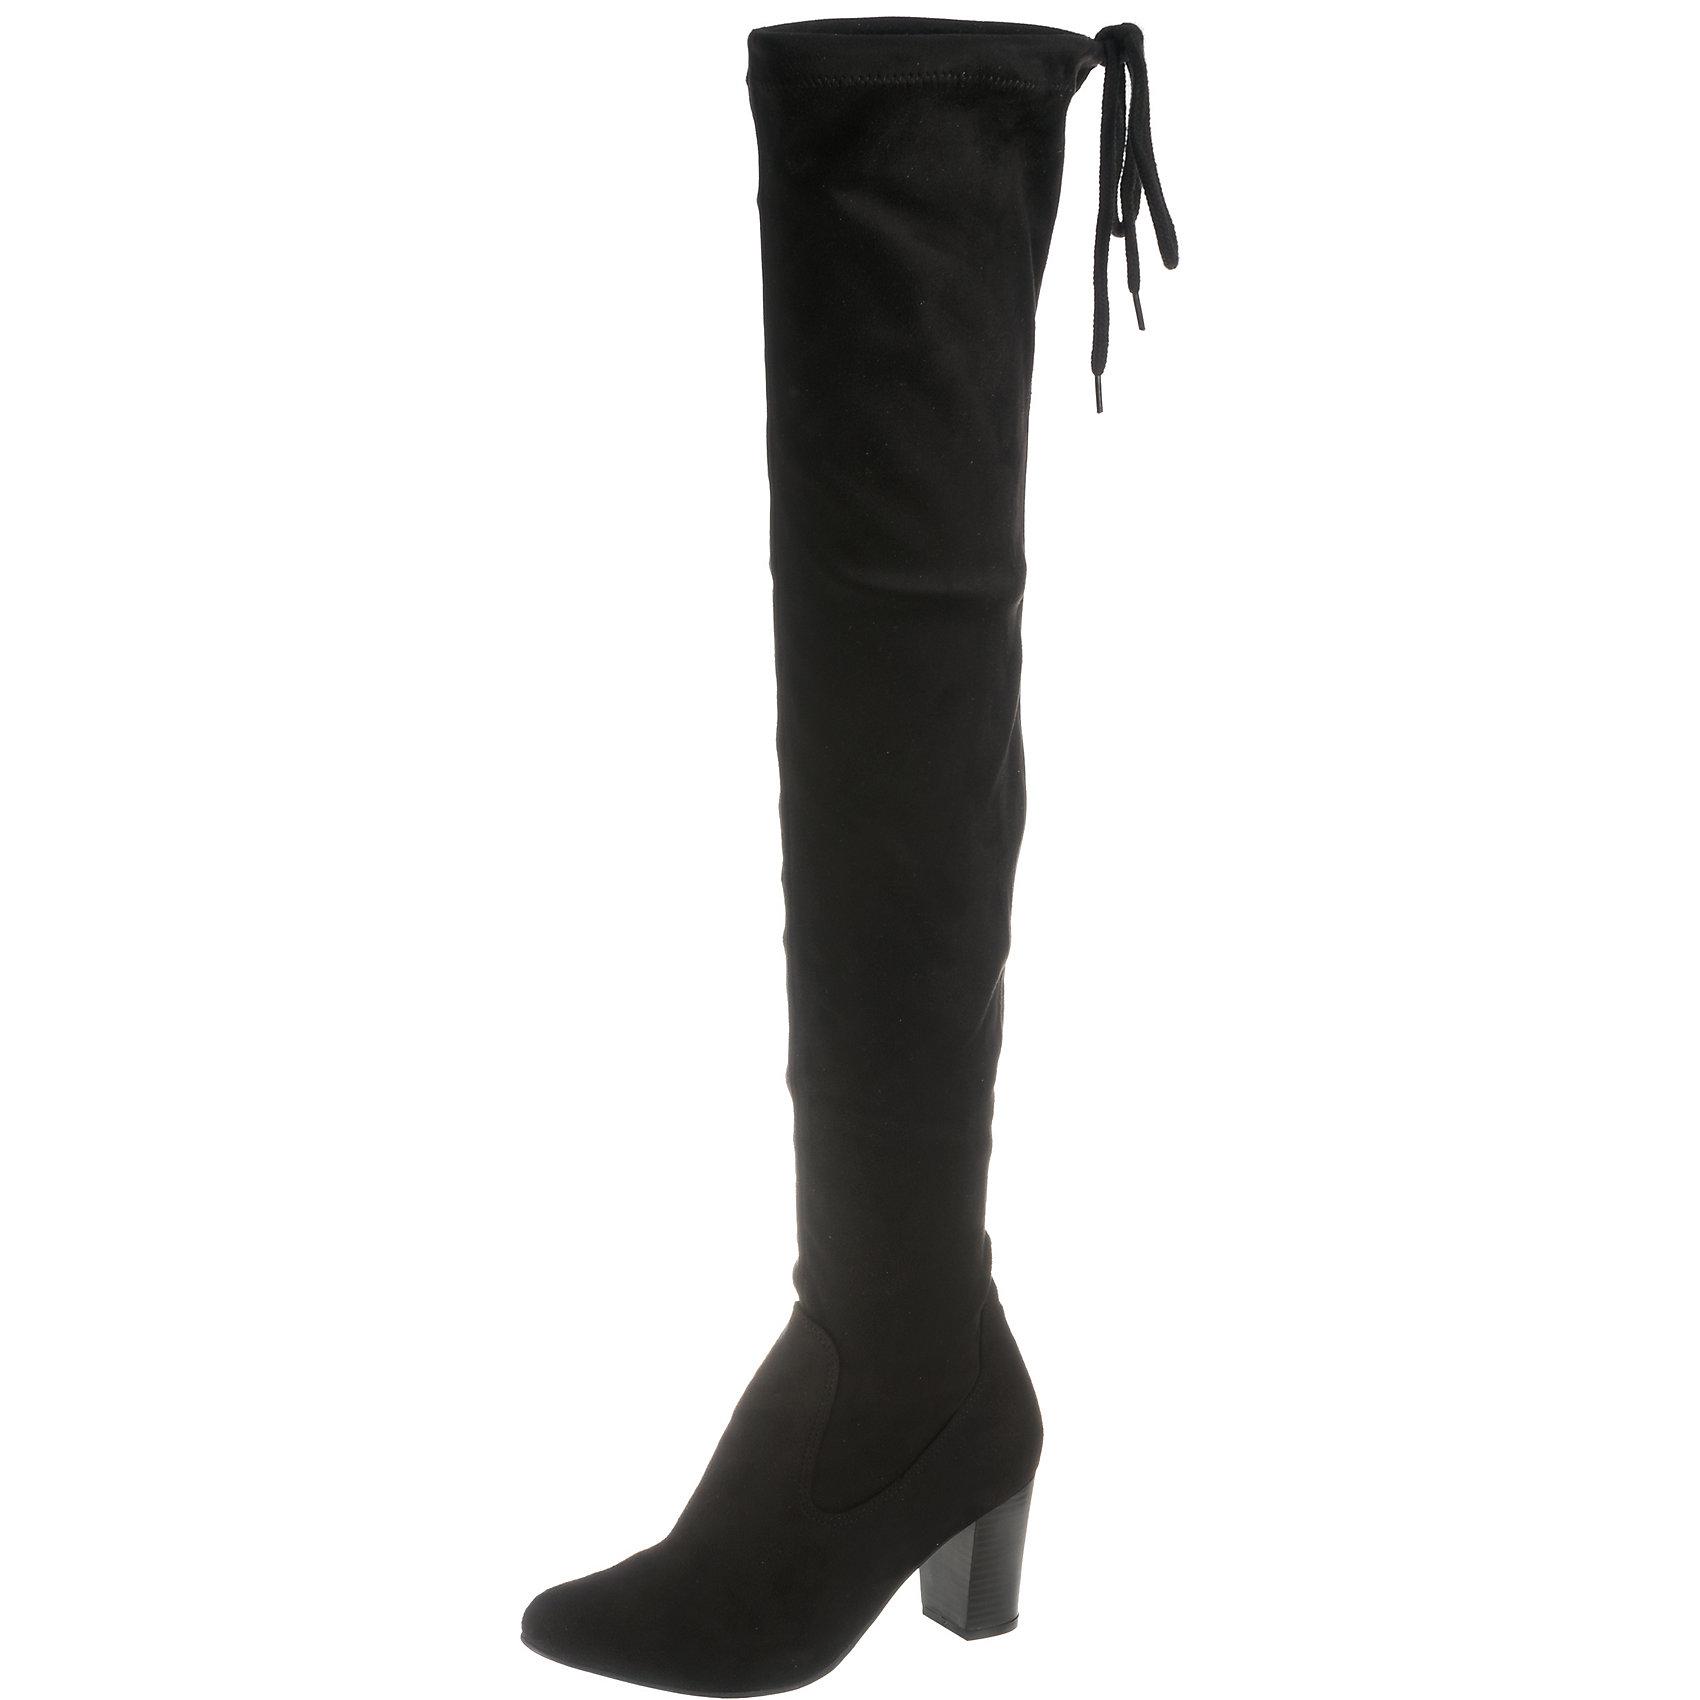 Neu CAPRICE Britt Overknee-Stiefel 8530475 für Damen grau schwarz